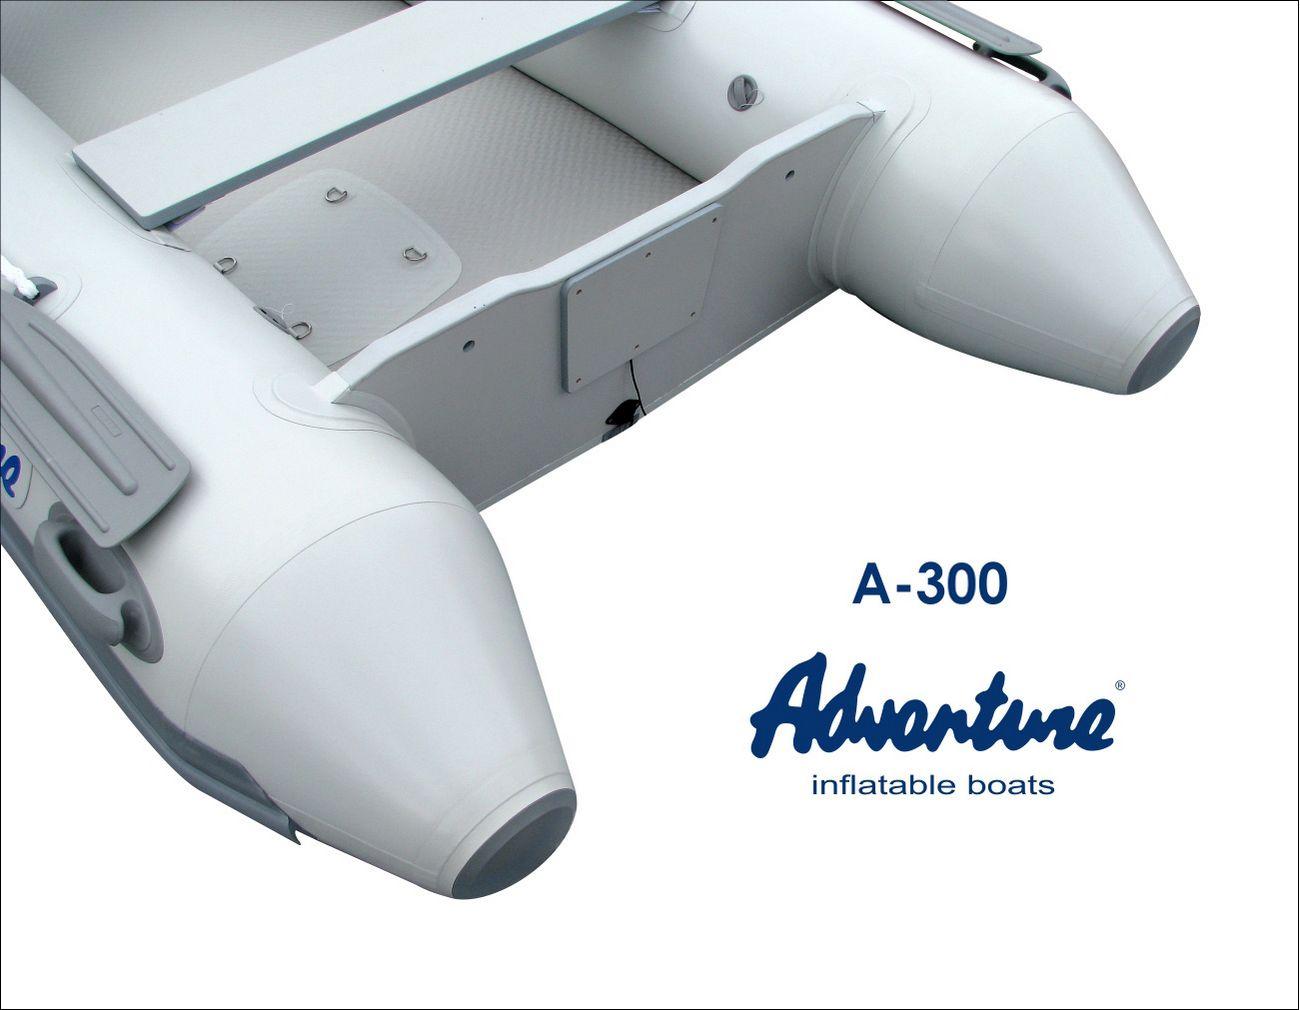 Надувная лодка Adventure Arta A-300 - фото 12